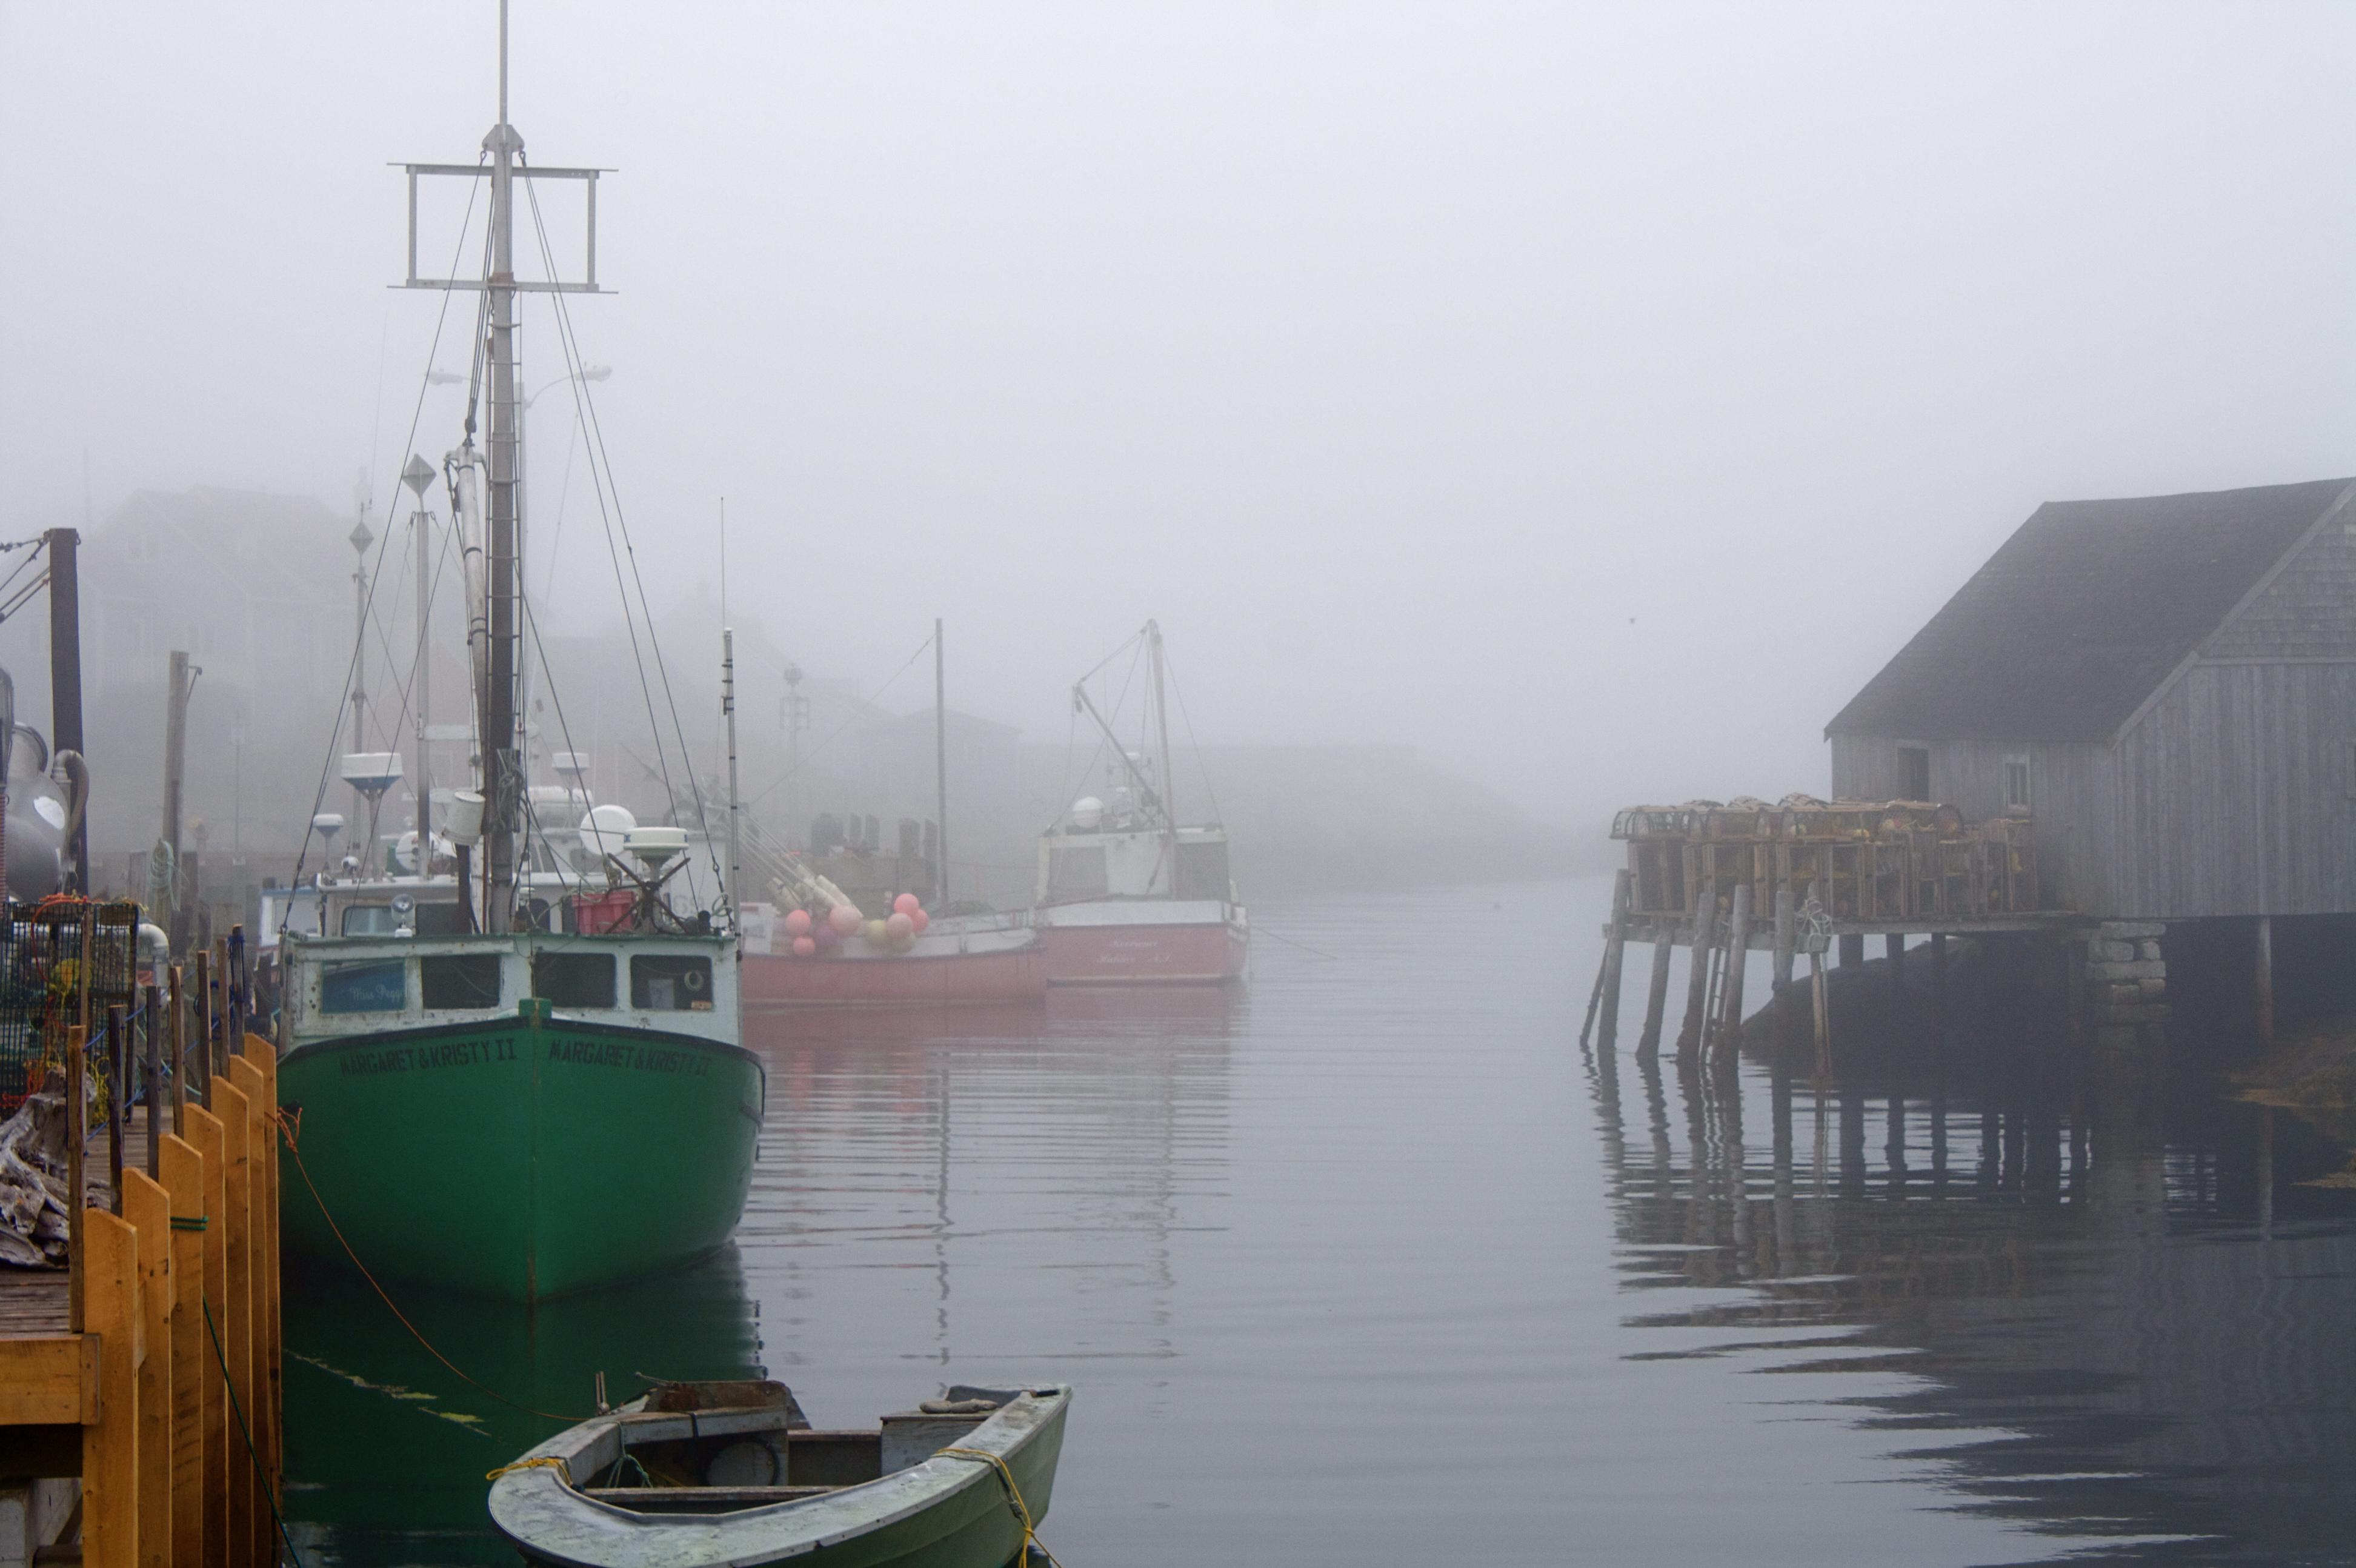 Boats photo